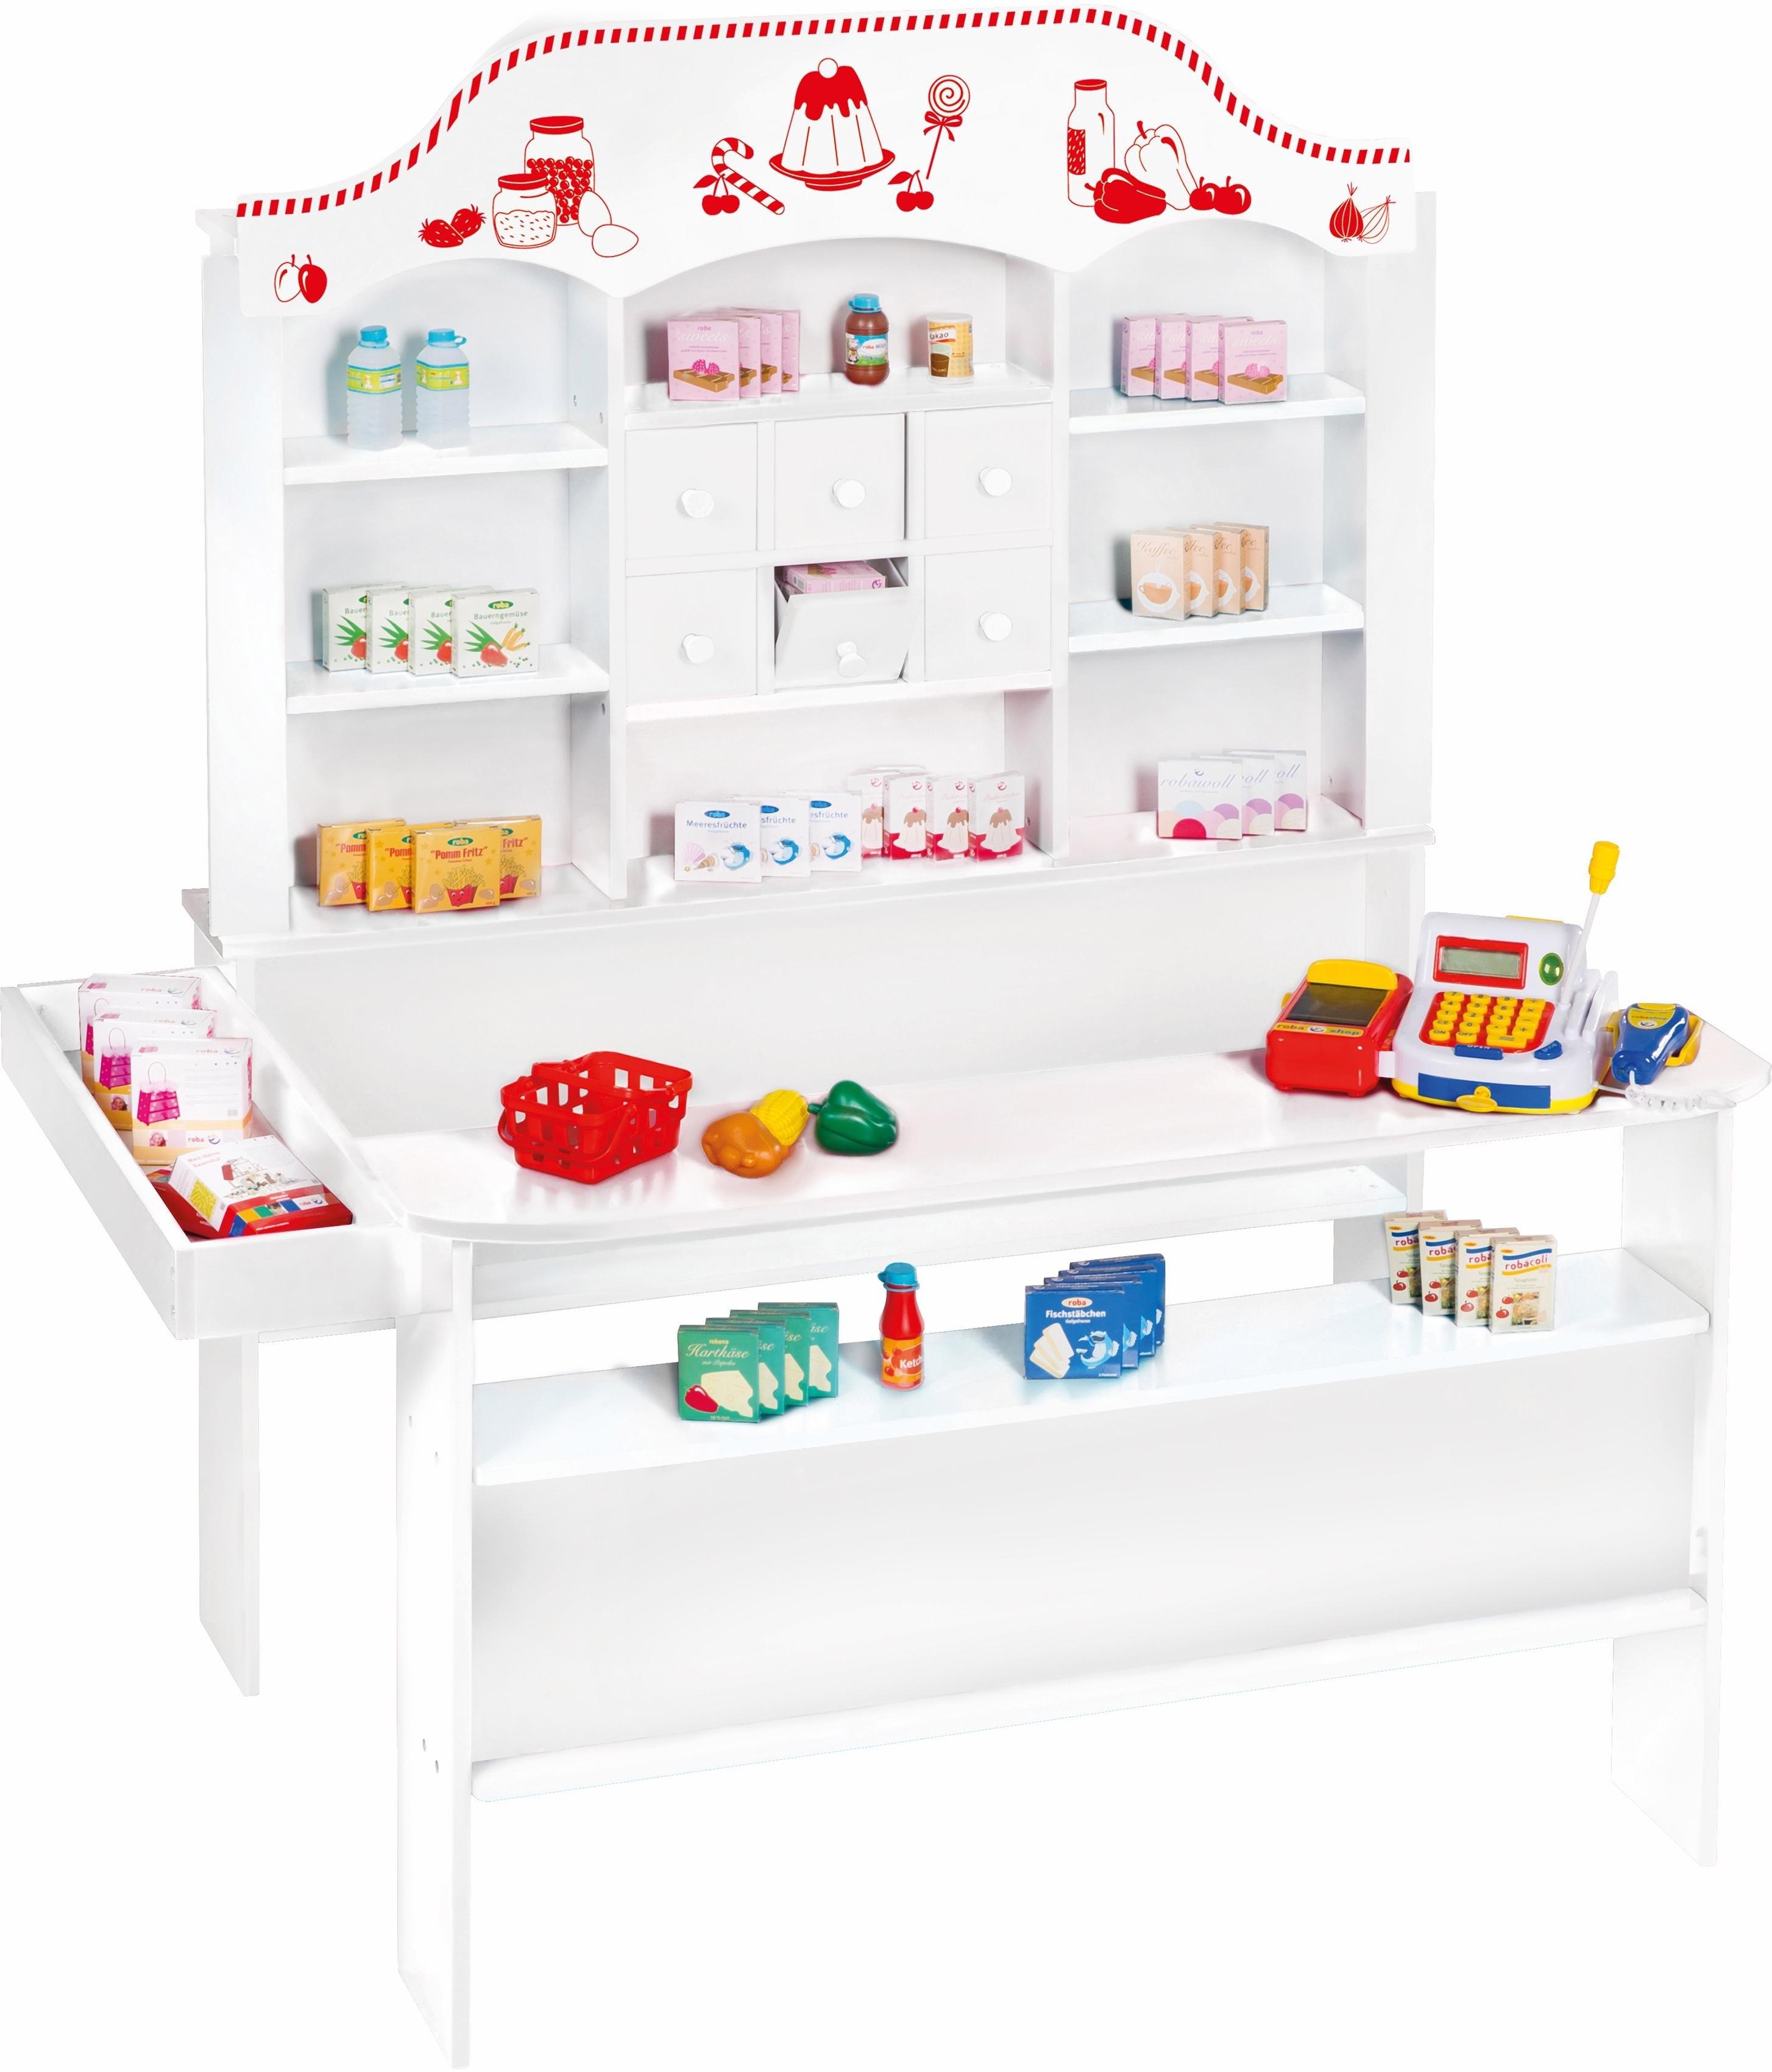 Roba winkel, »Candyshop« nu online kopen bij OTTO